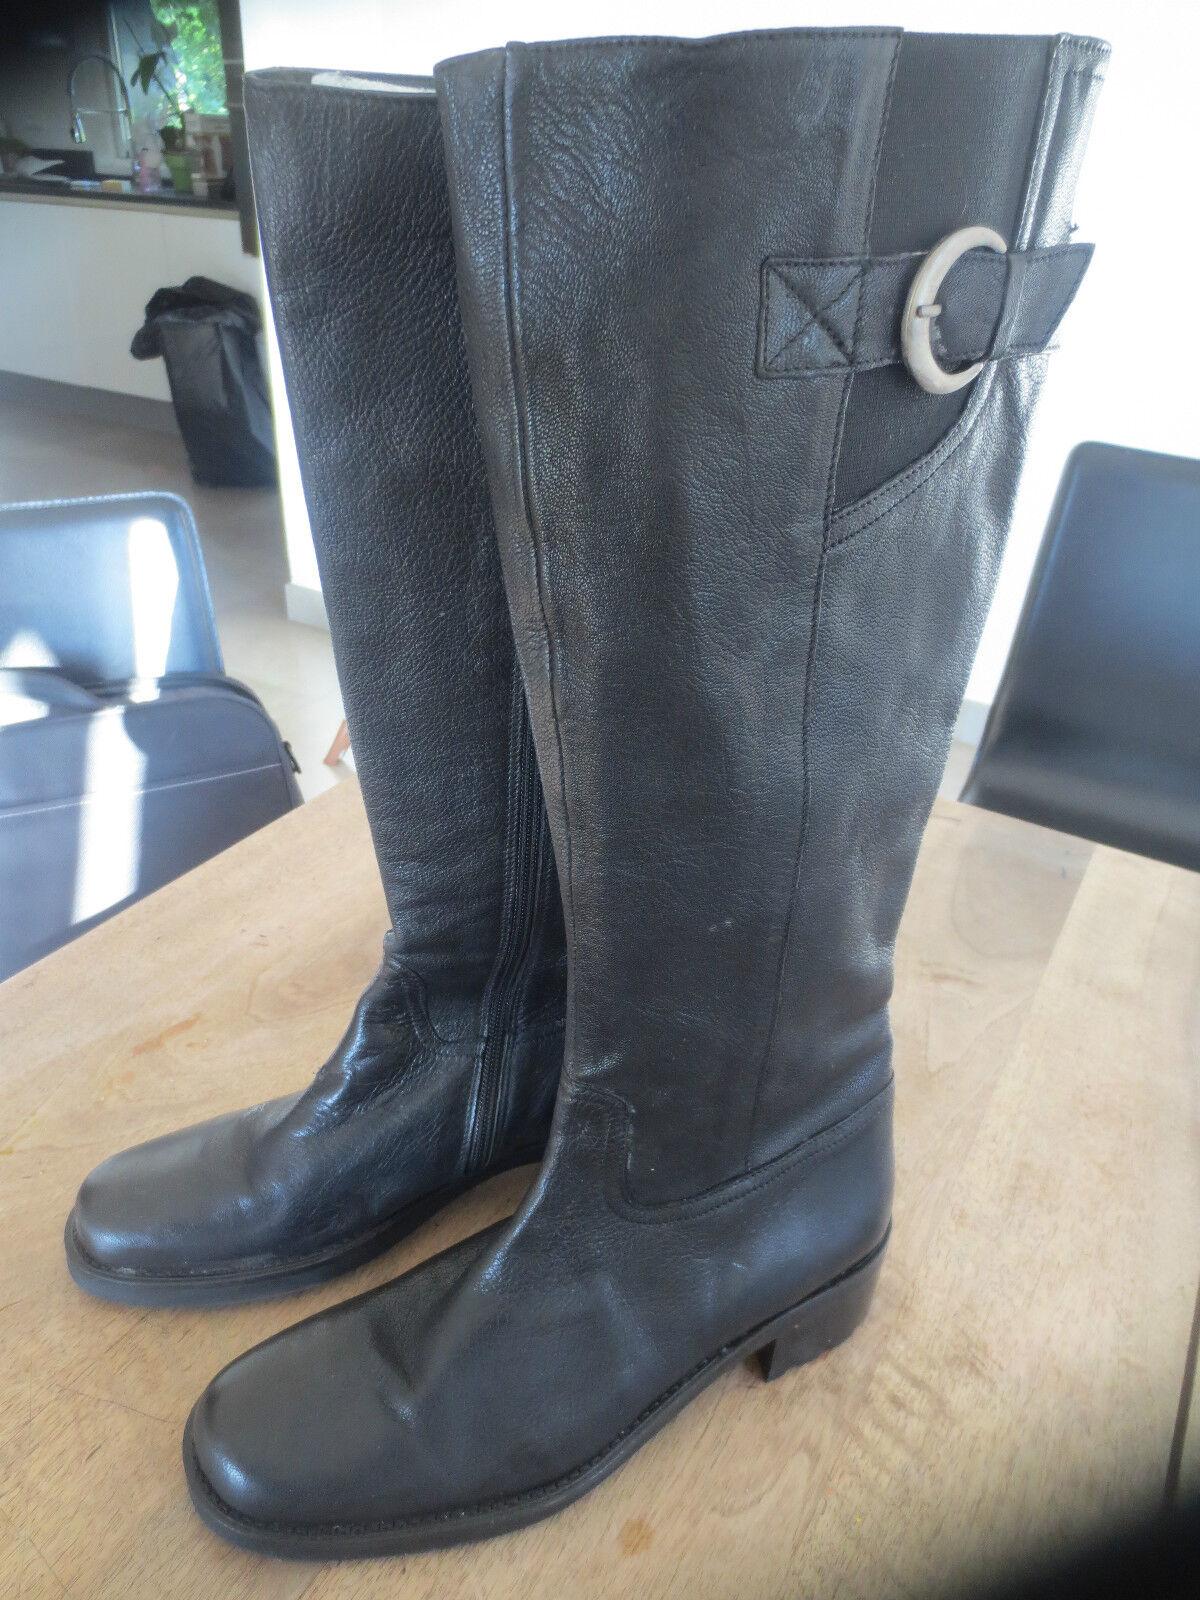 Bottes m par m cuir noir NEUVE Valeur 159E talon 5cm Pointure 35